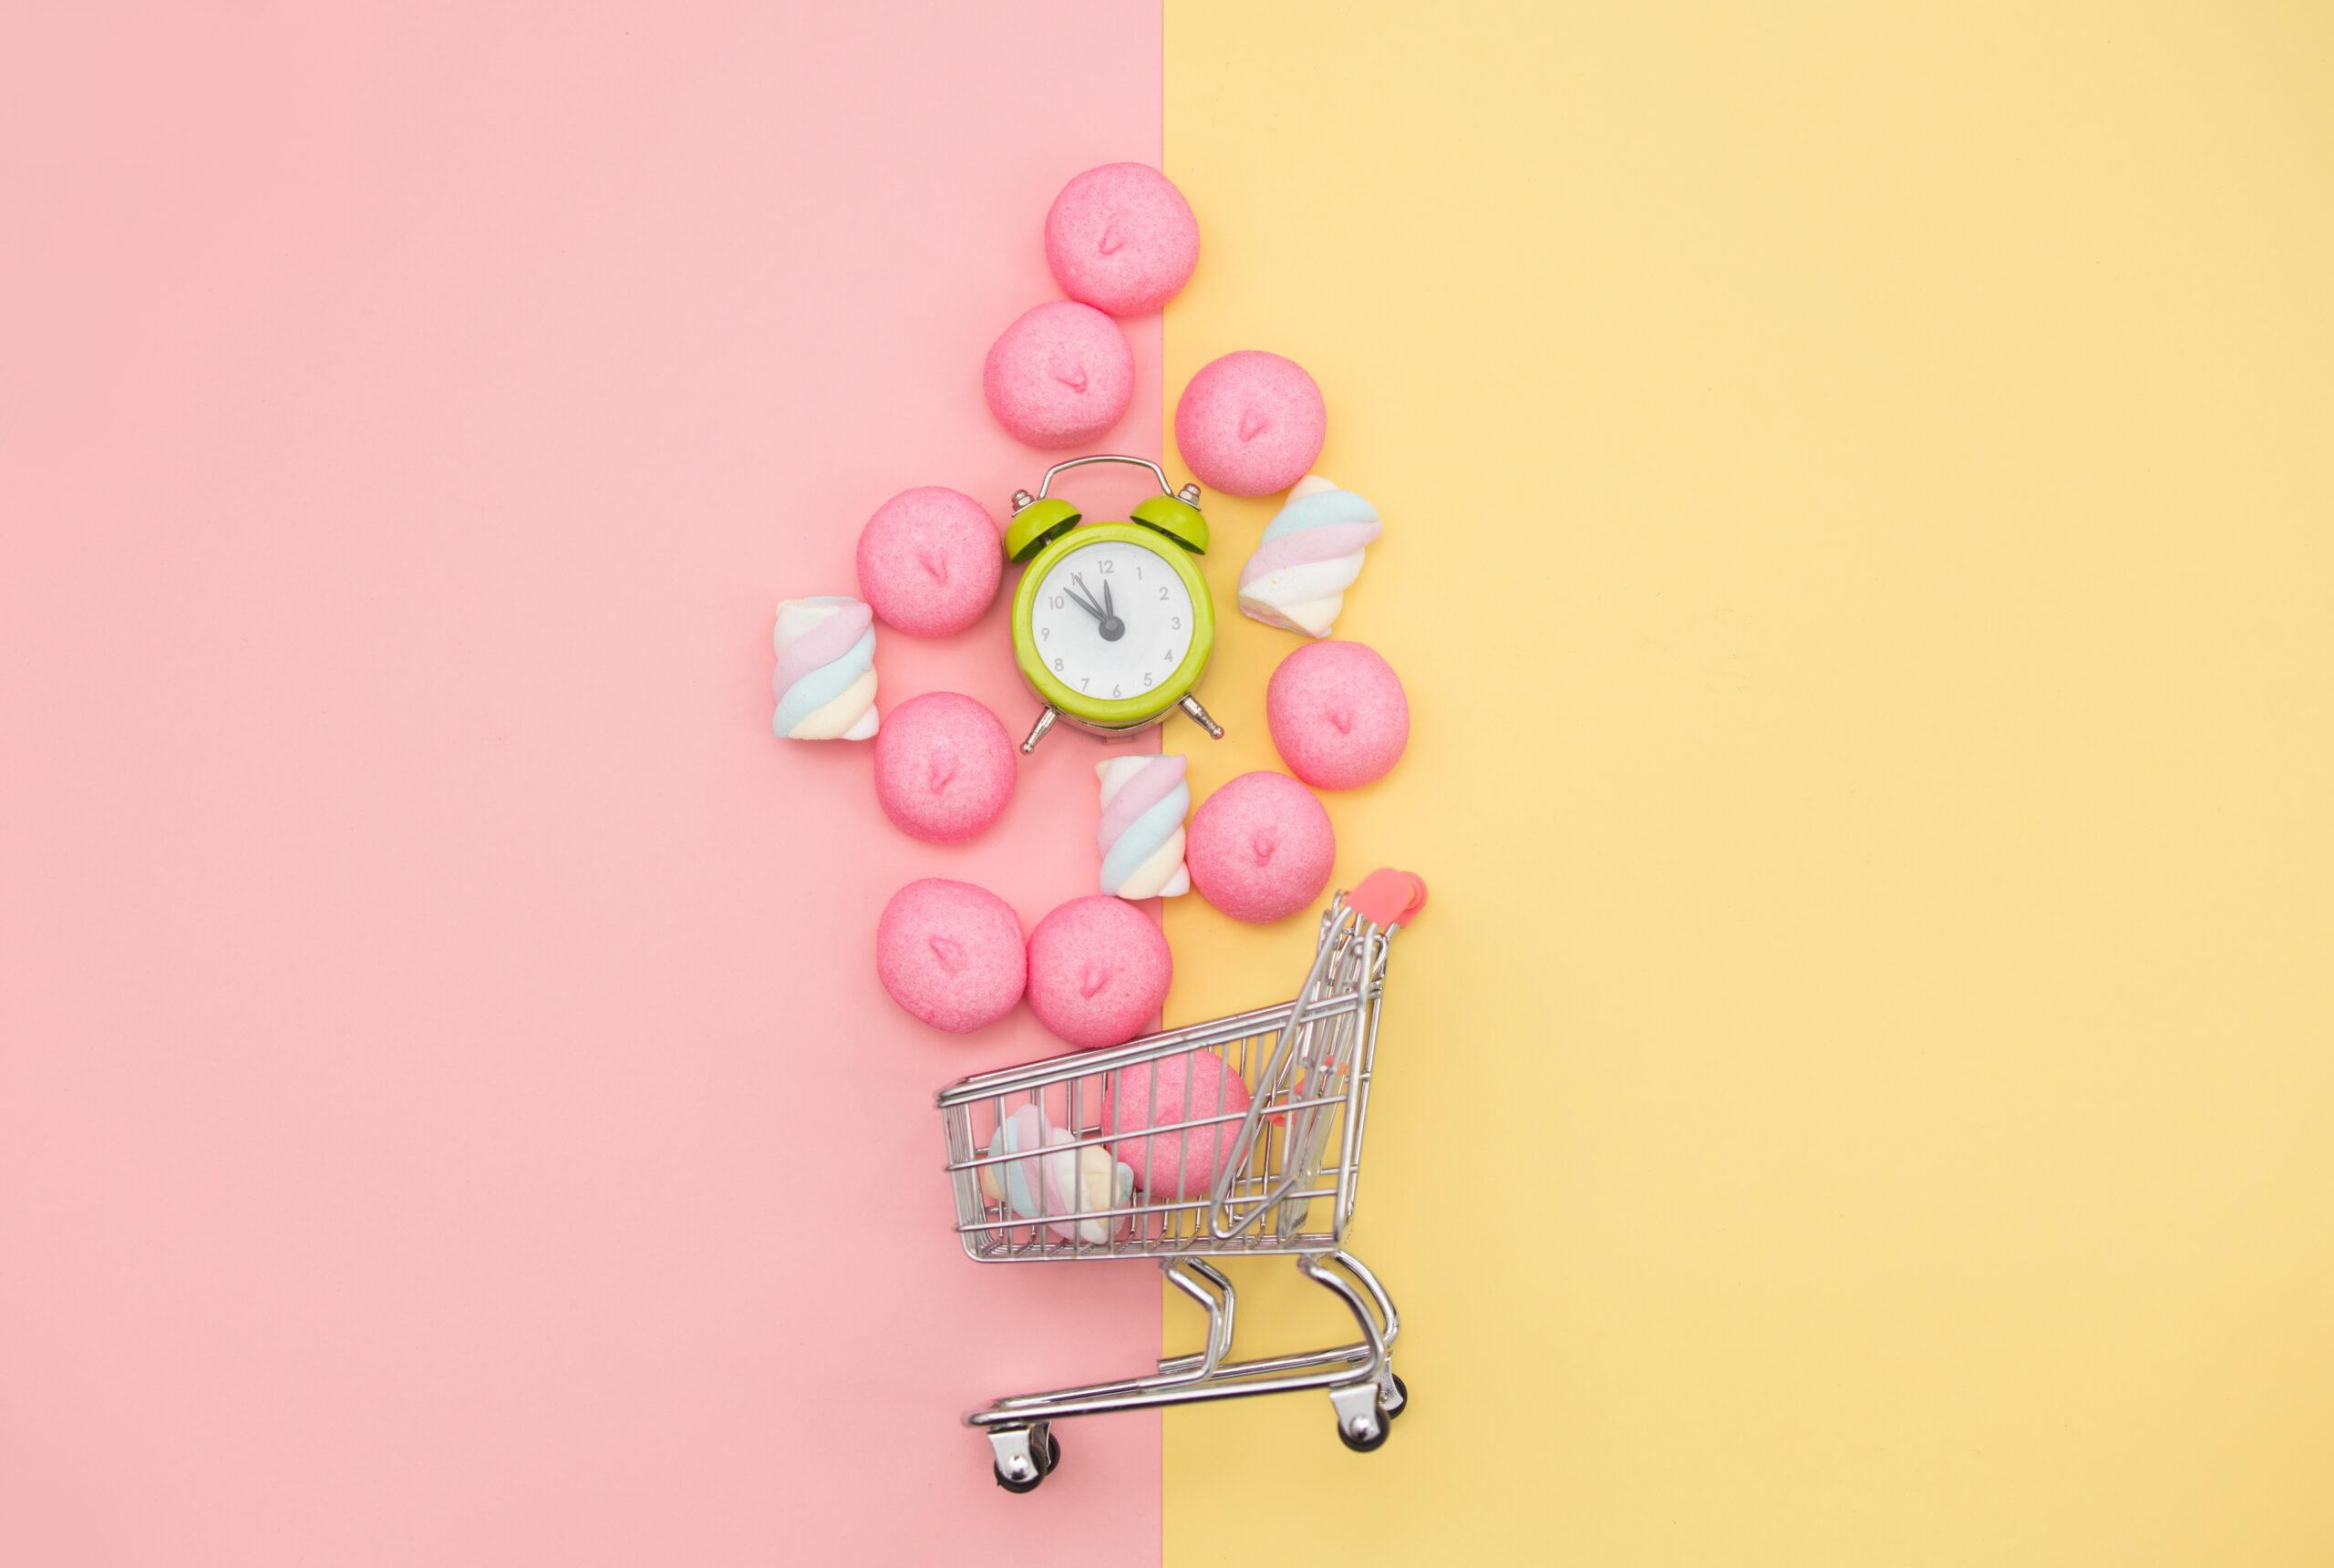 予算level★★ / 糖質制限